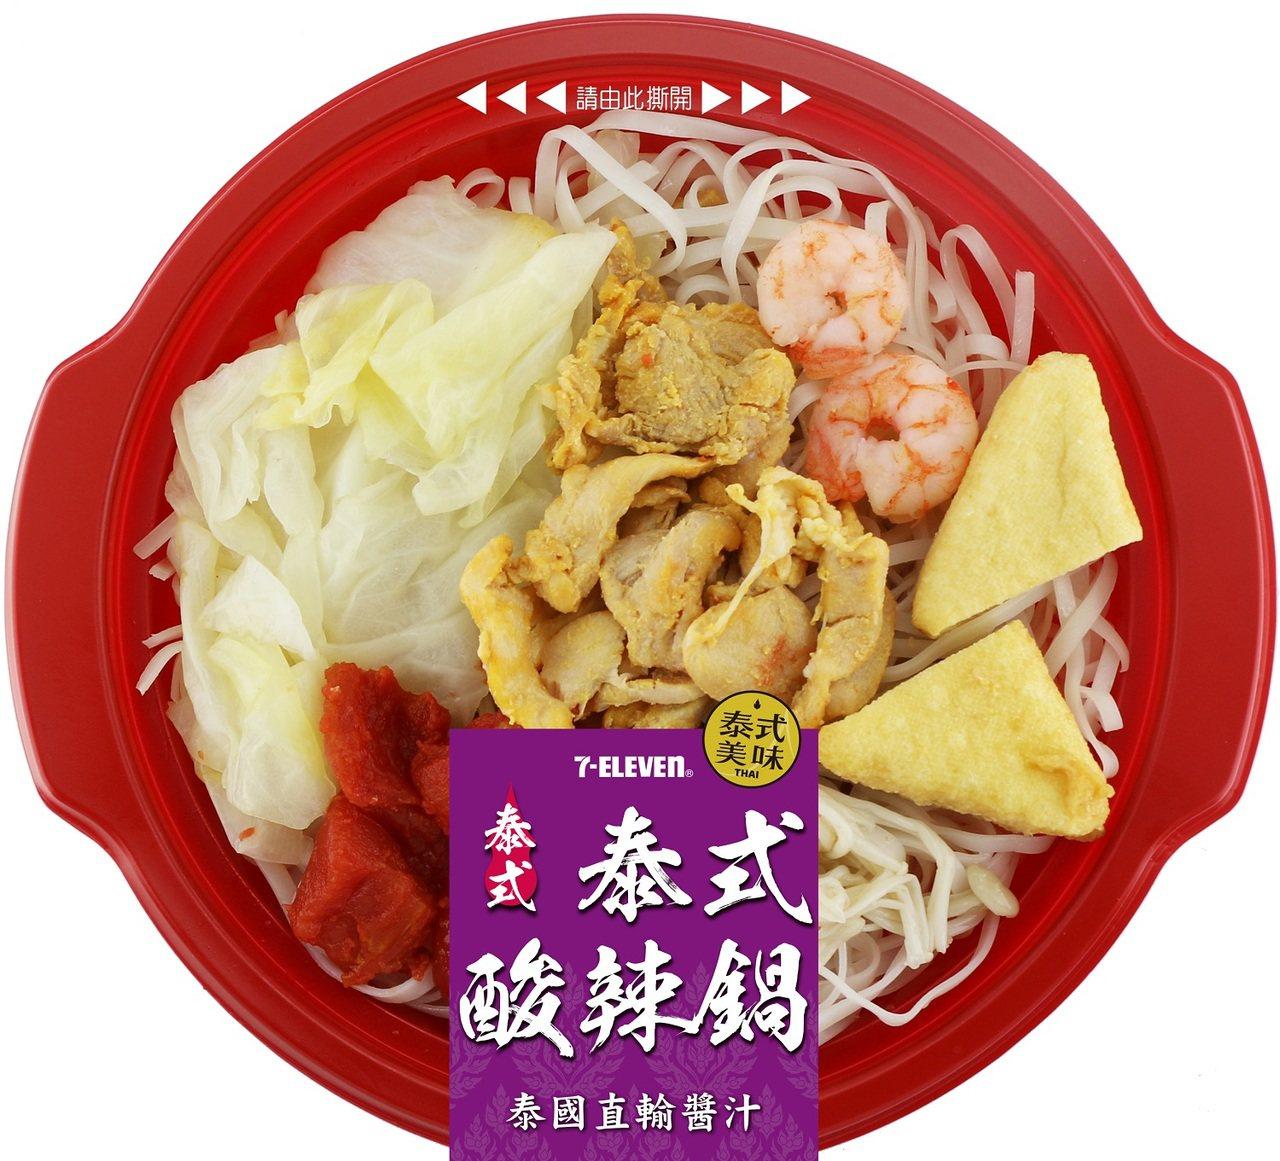 7-ELEVEN「泰式酸辣鍋」,售價109元。圖/7-ELEVEN提供